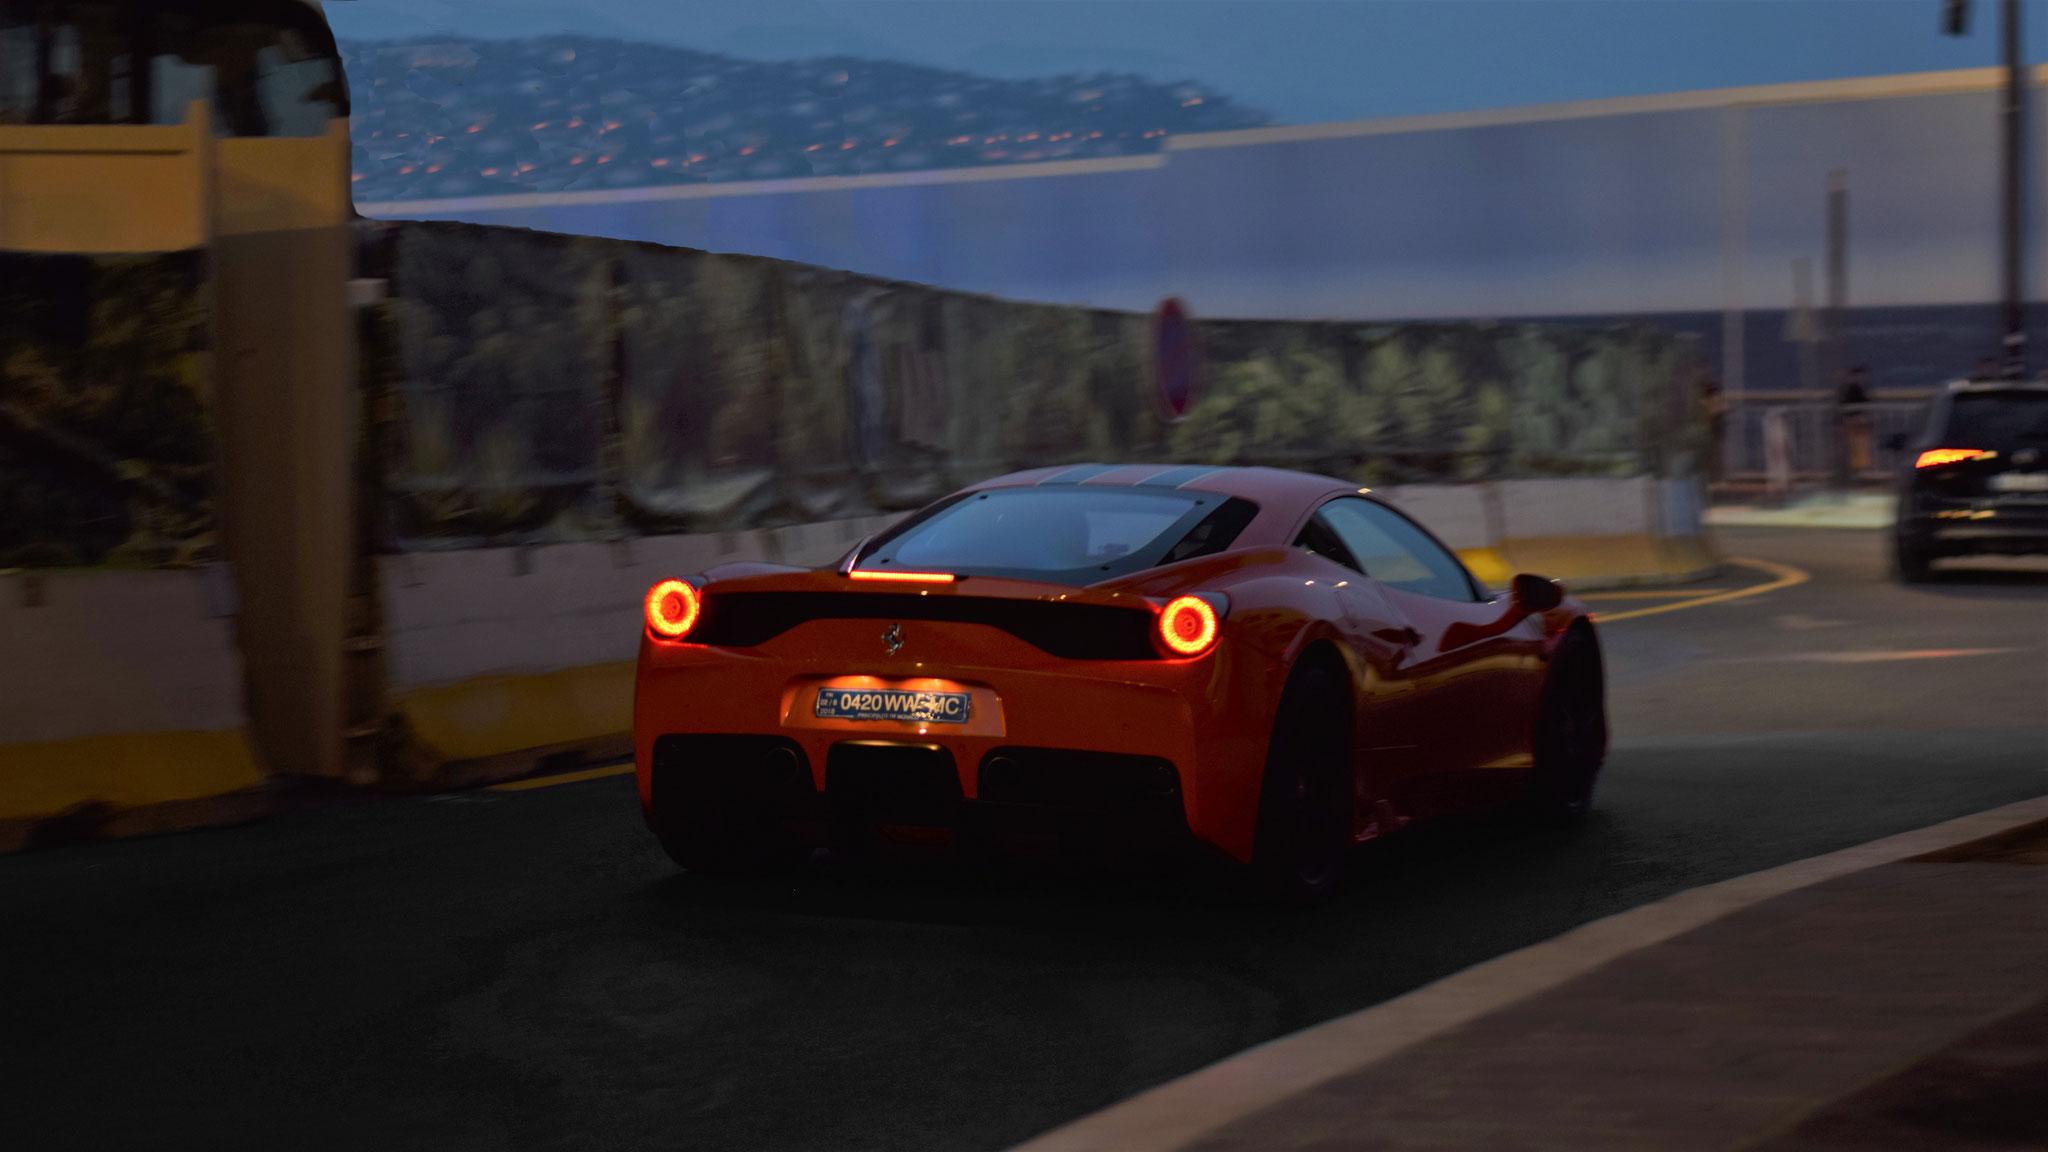 Ferrari 458 Speciale - 0420-WW-MC (MC)